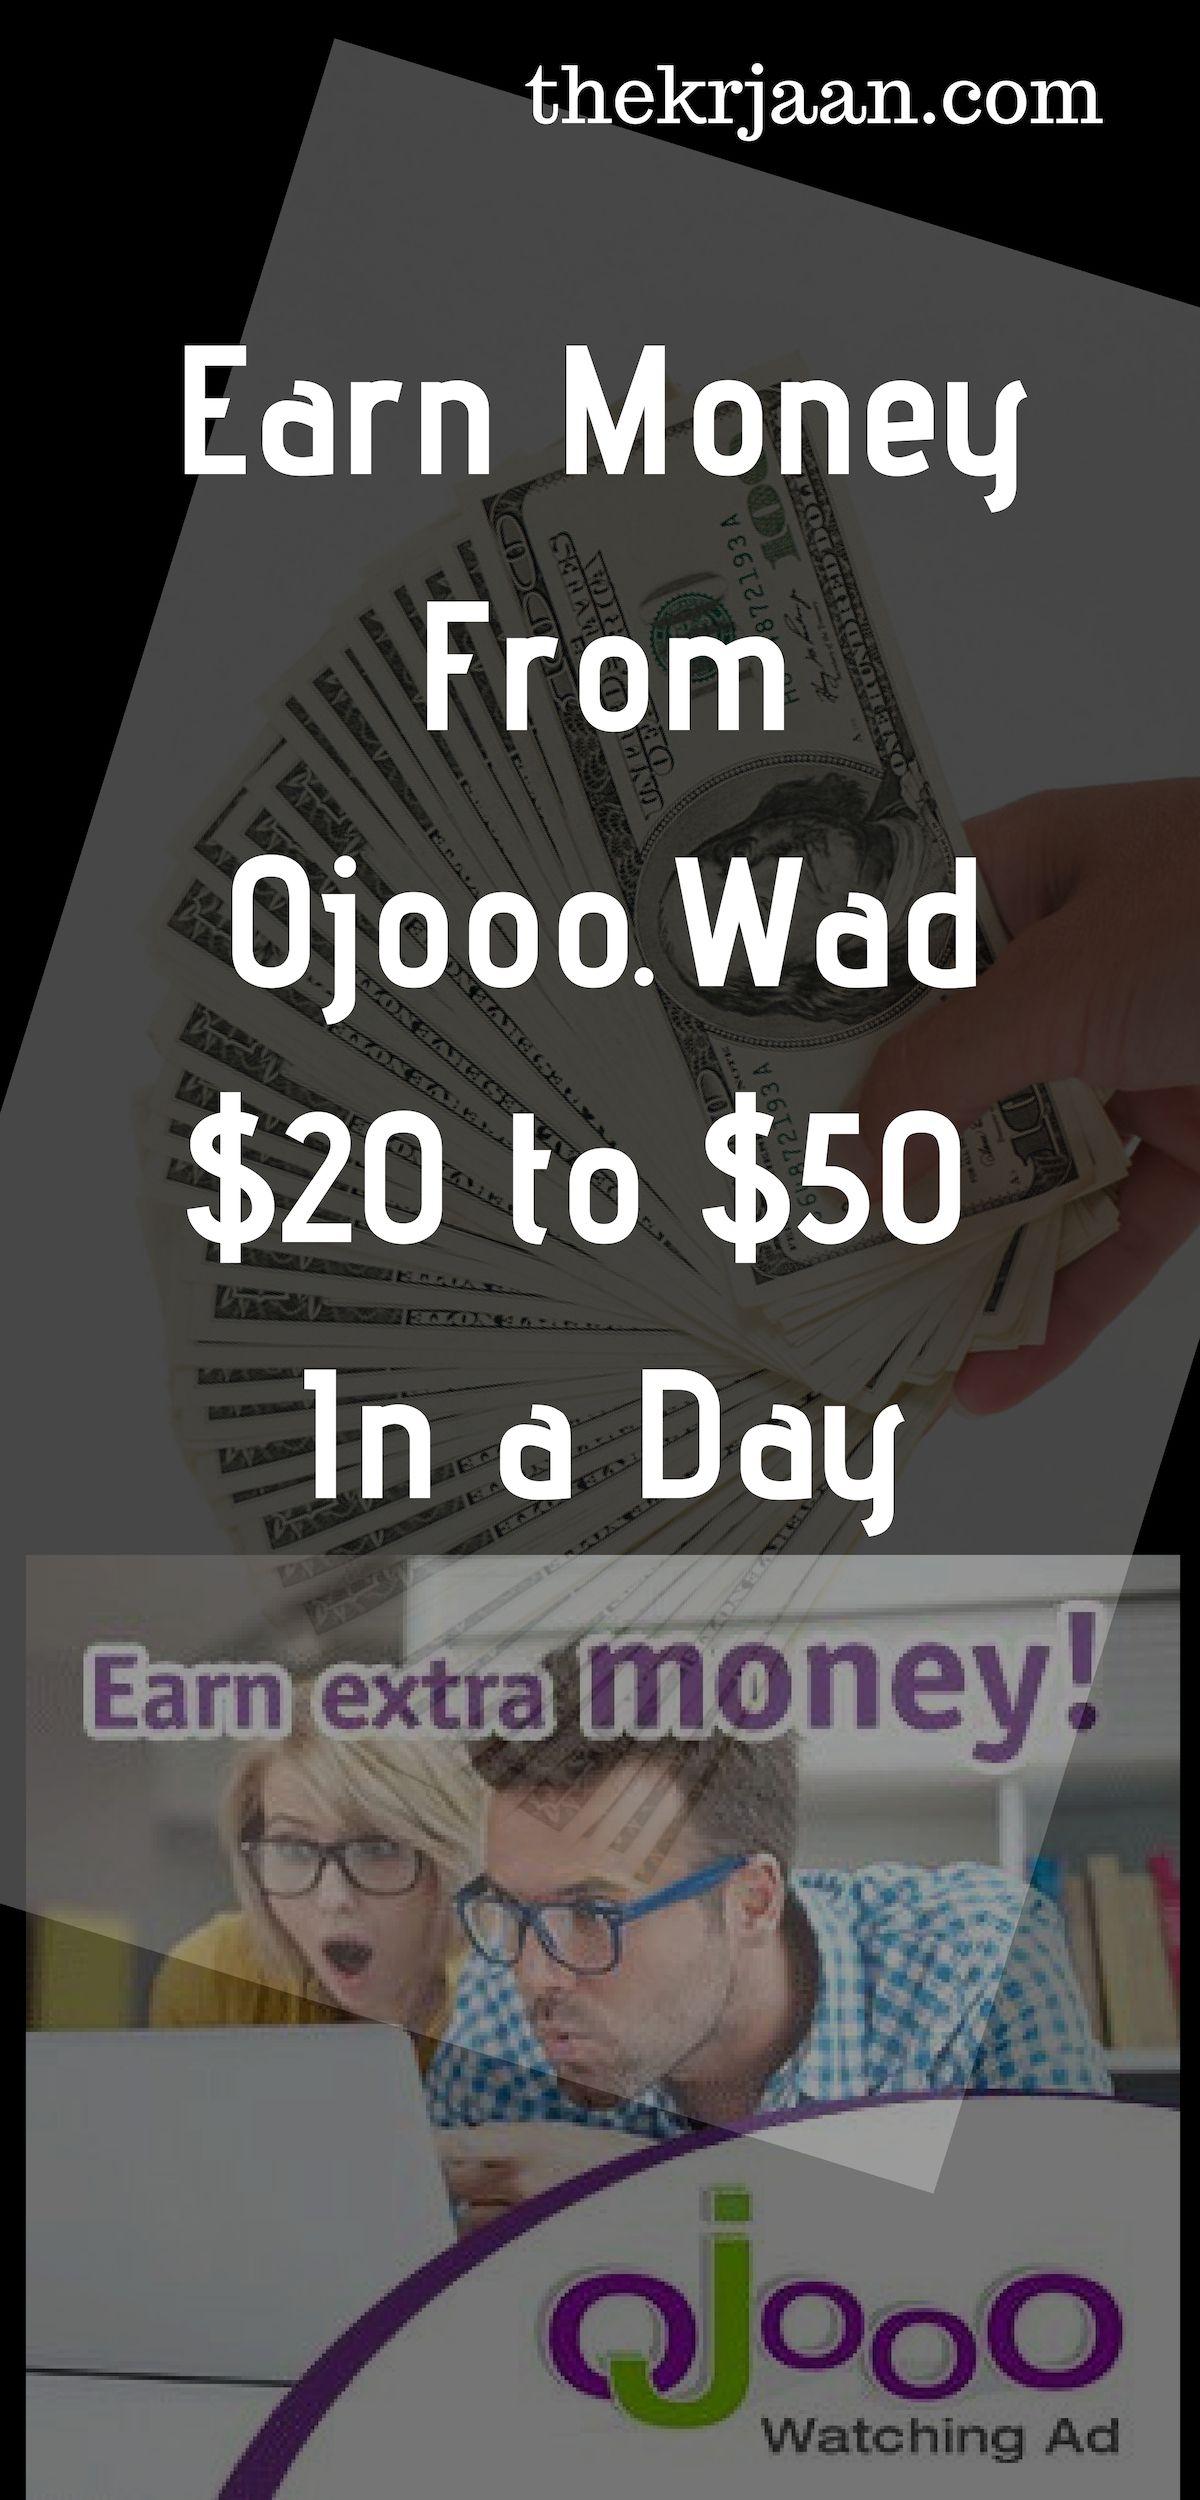 Ojooo.Wad | Earn More Money From Ojooo $20 to $50+